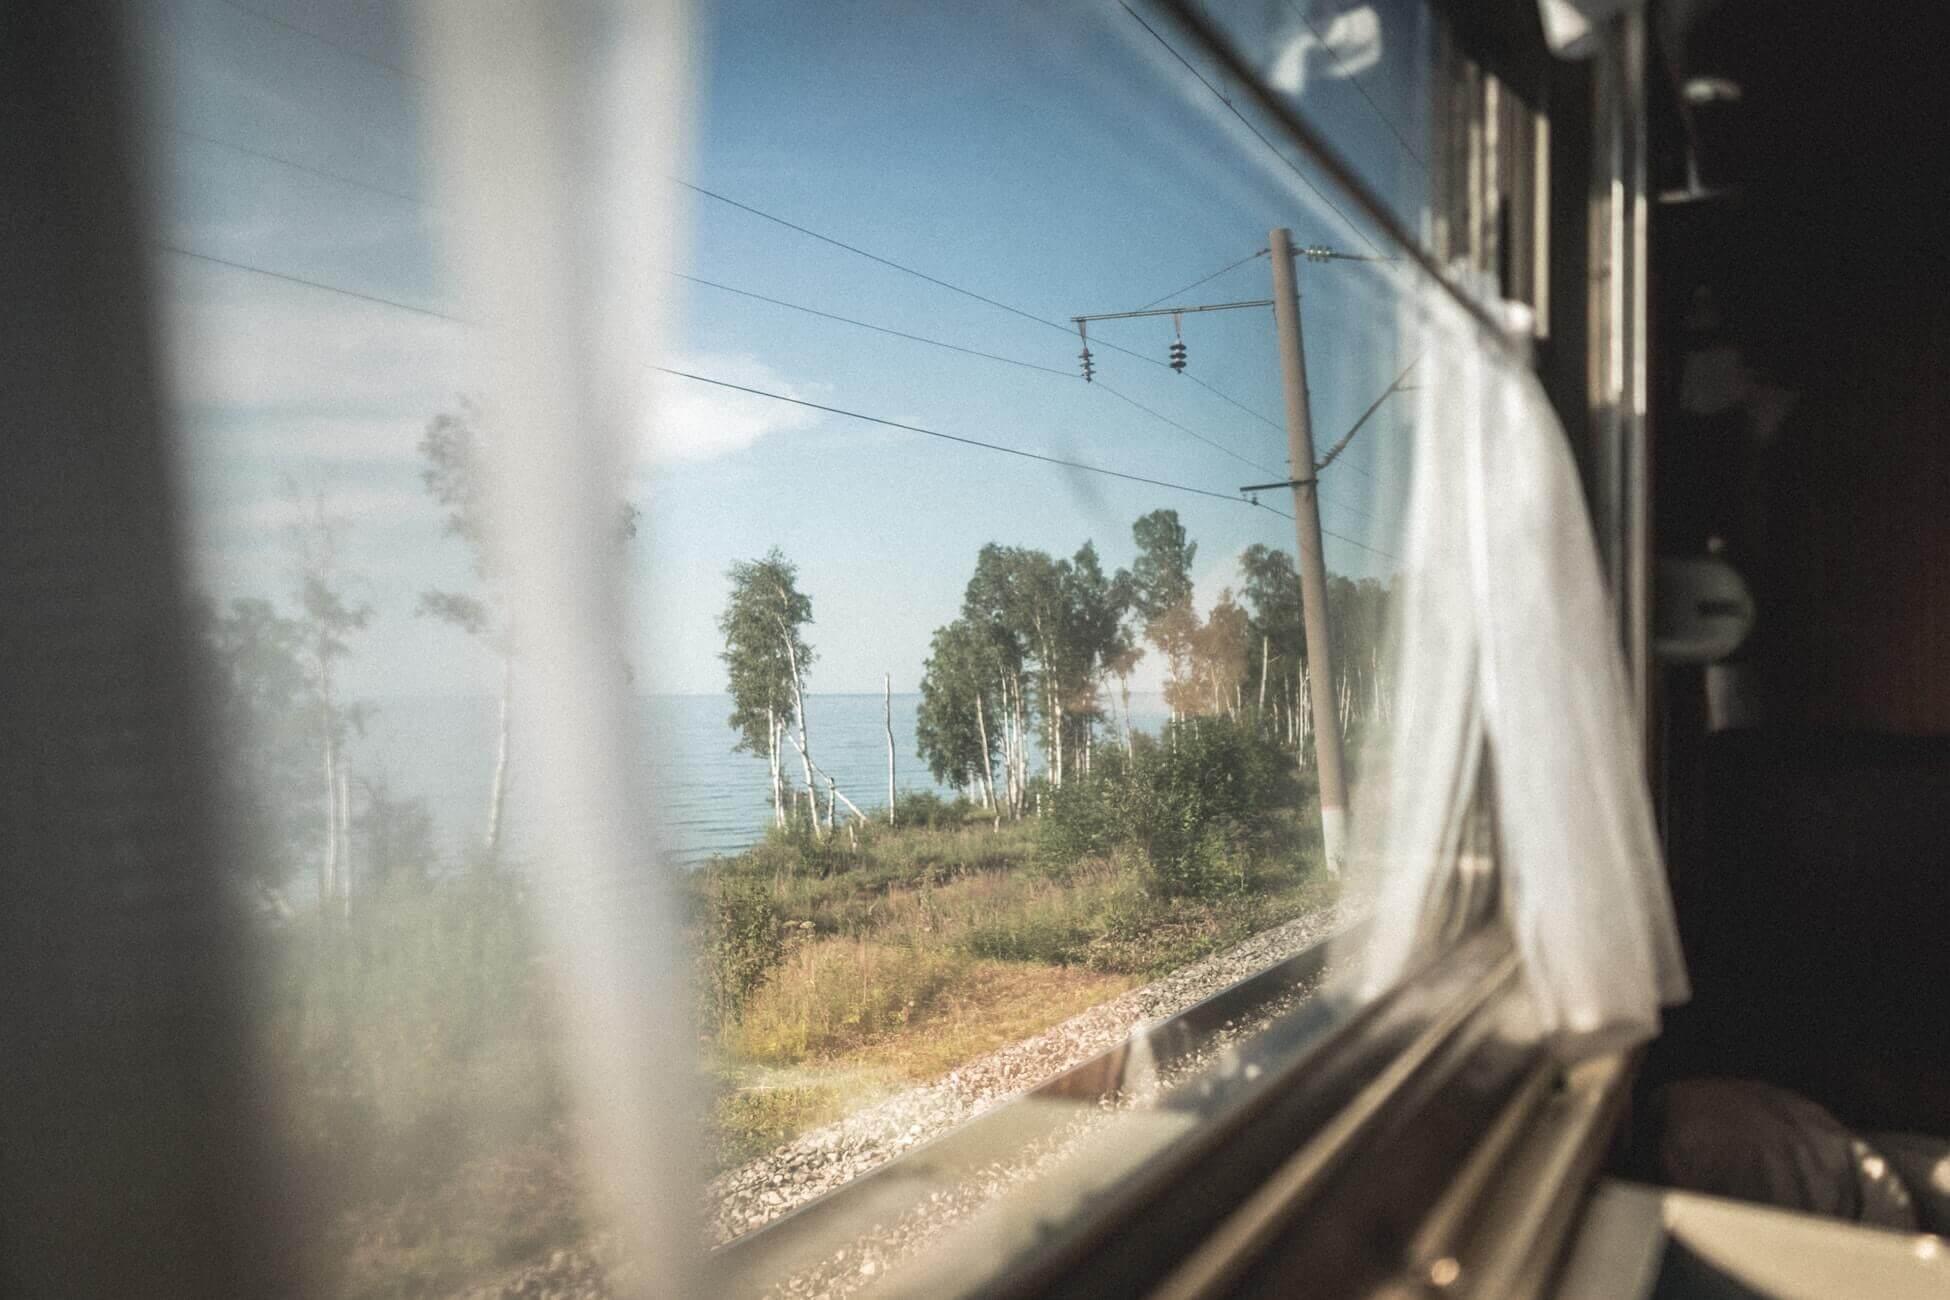 Поясним за новости: «Аэроэкспресс» запустит автобусы вместо поездов